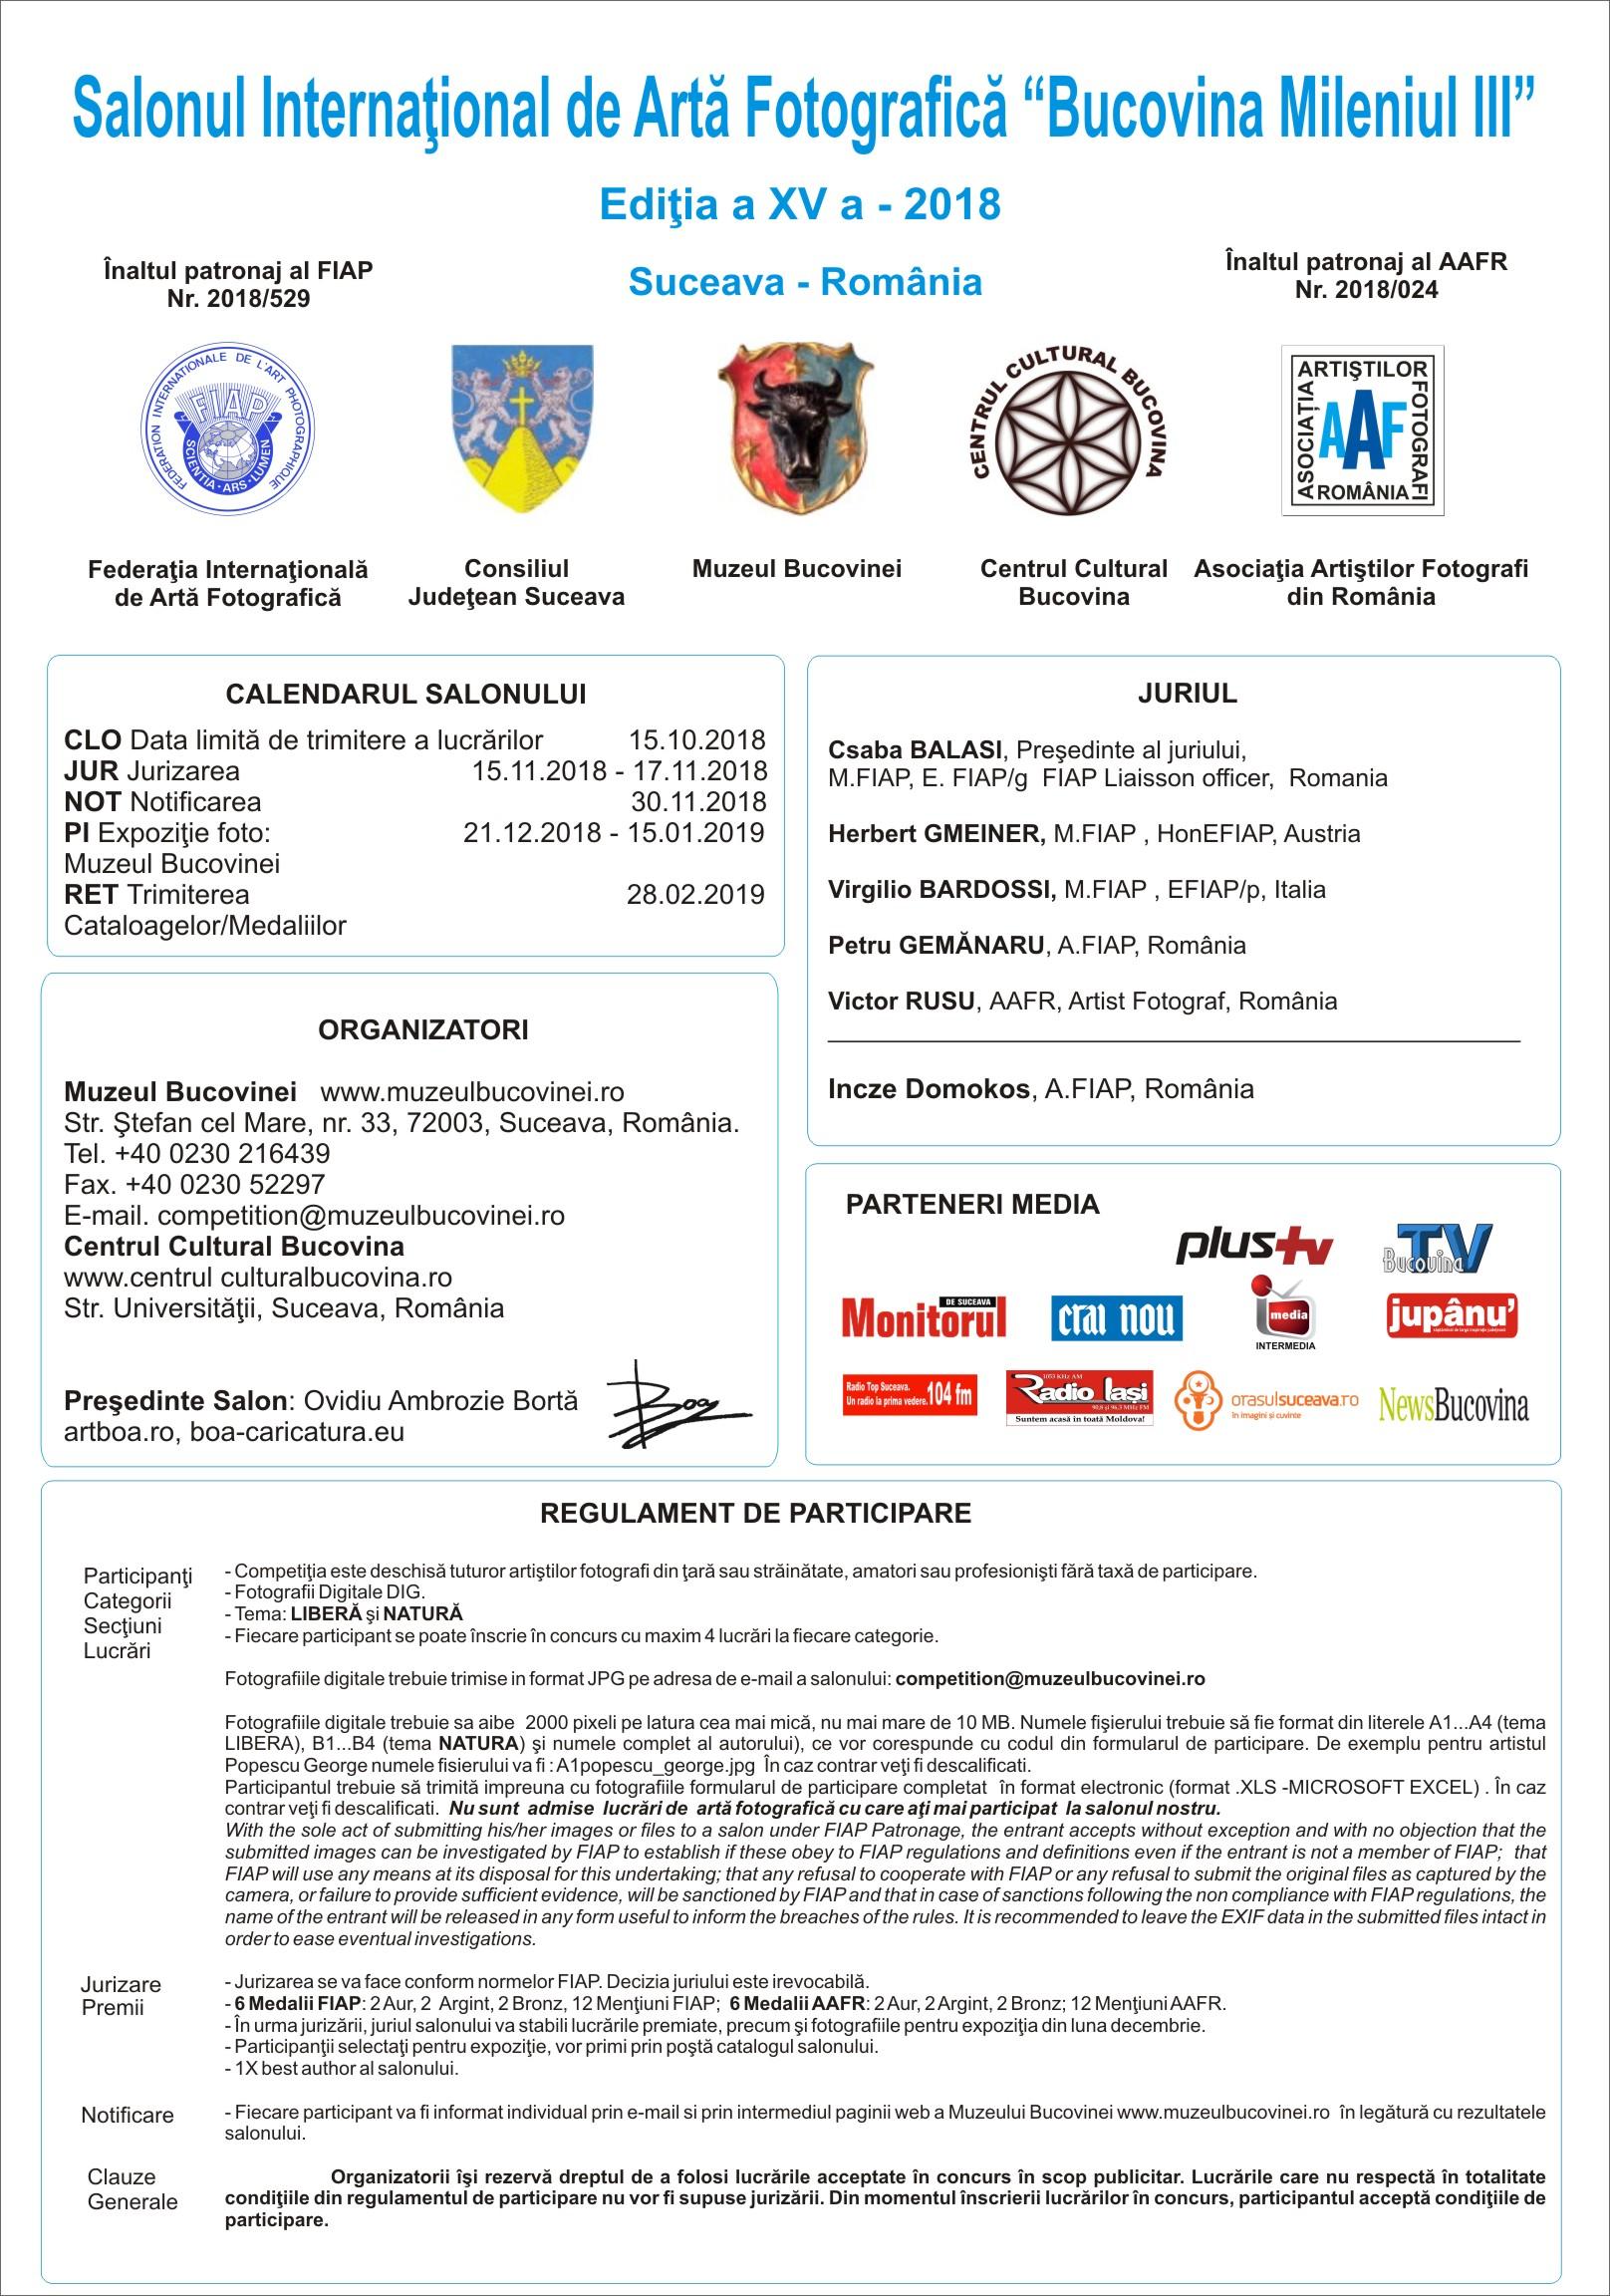 Regulament (Română)